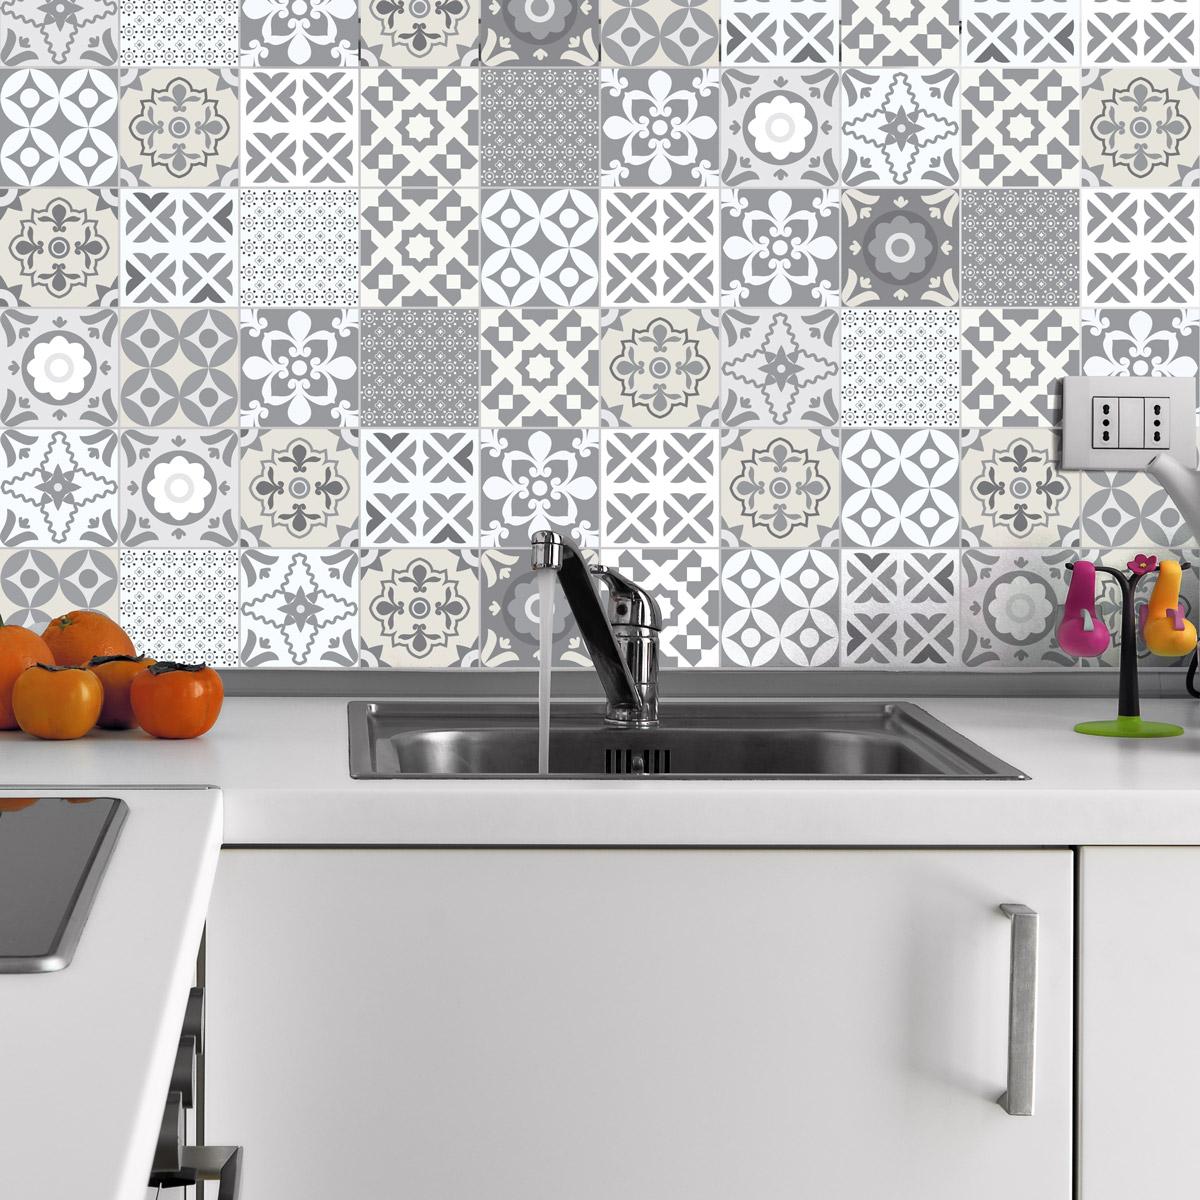 60 stickers carrelages tiles artistique nuance de gris art et design artistiques ambiance. Black Bedroom Furniture Sets. Home Design Ideas